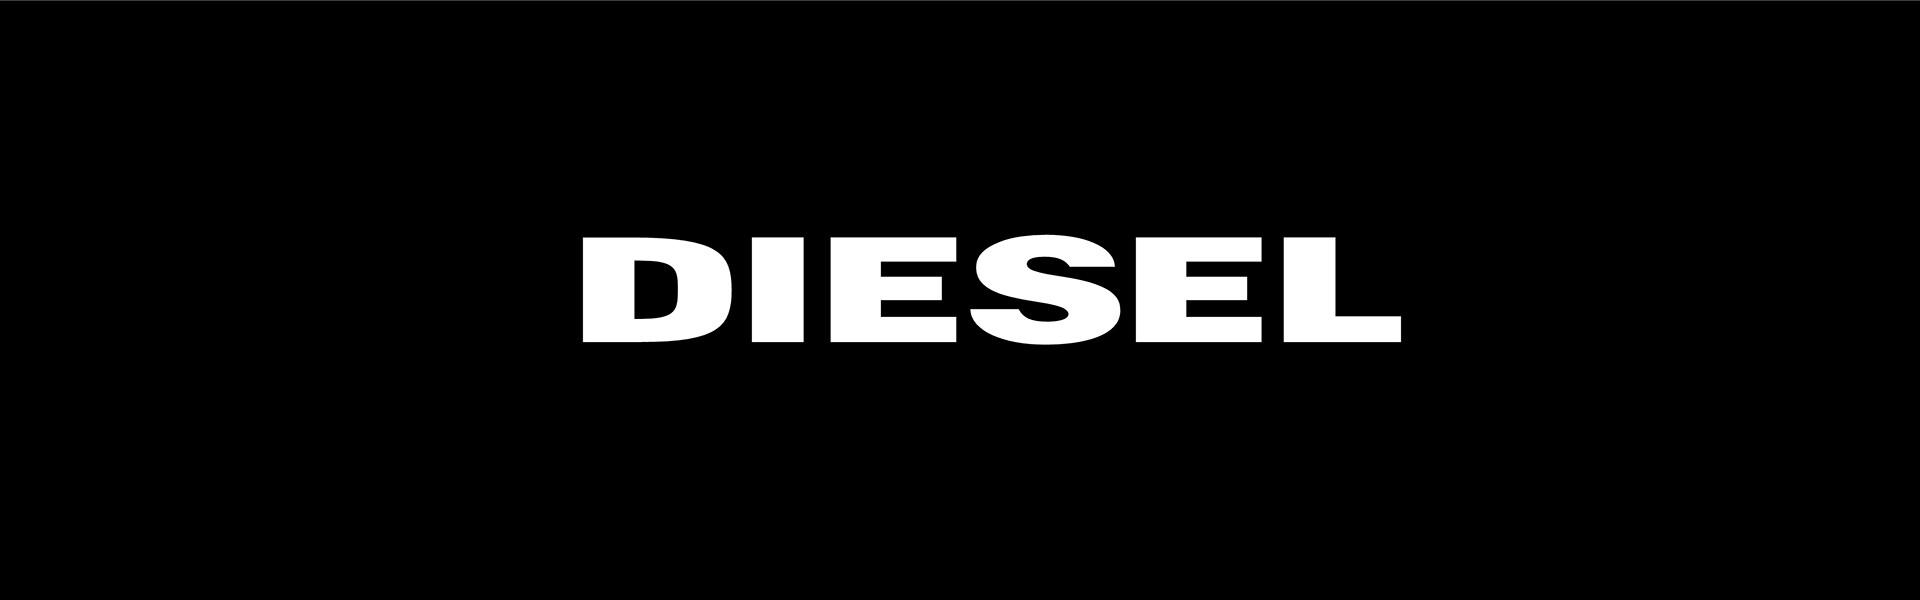 Diesel_scroll-01.jpg